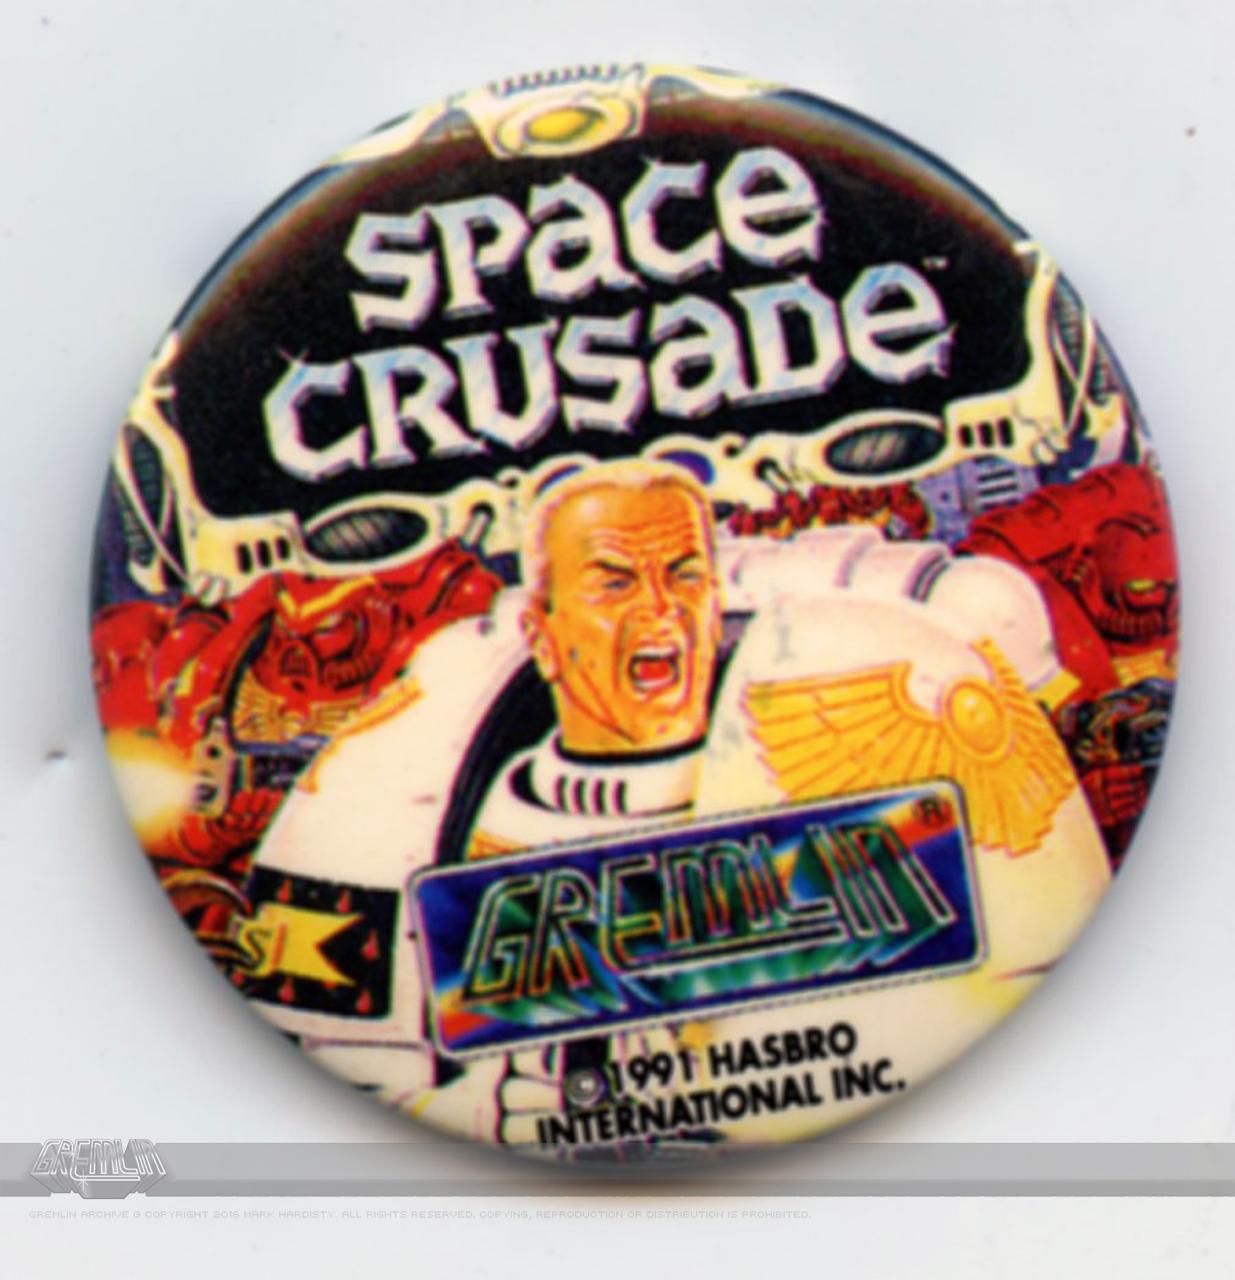 Space Crusade Badge